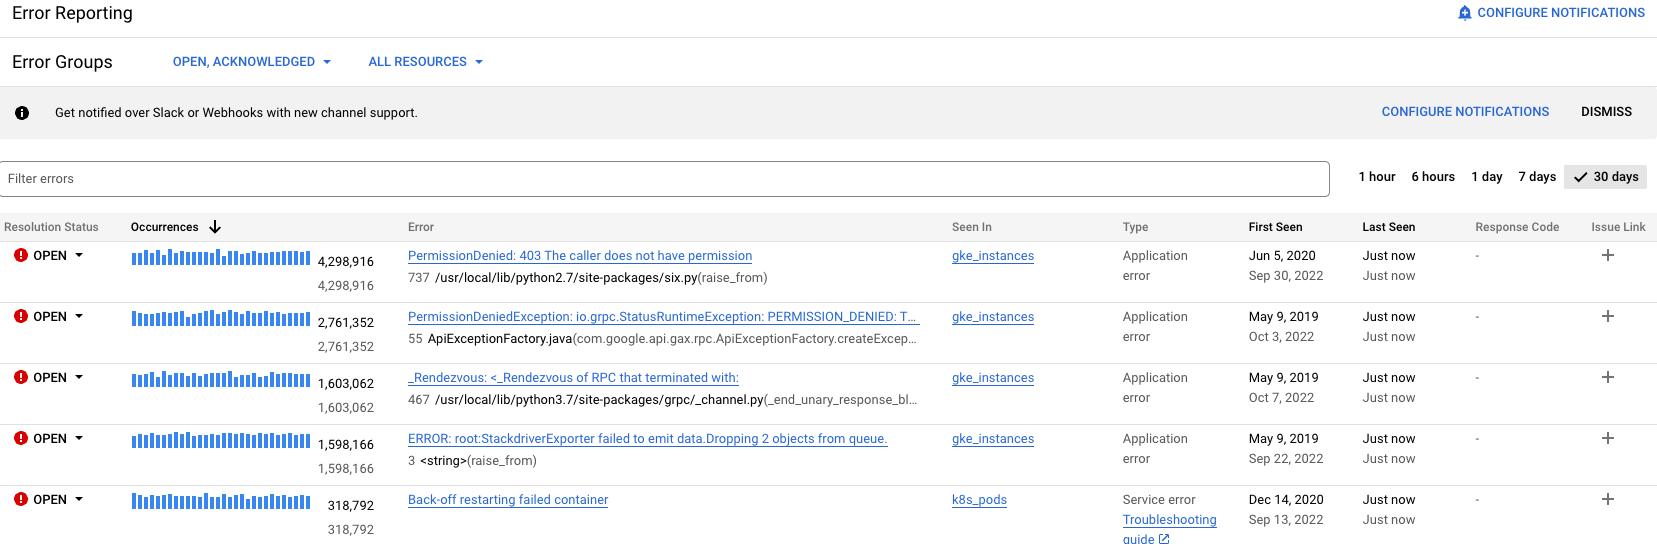 La interfaz de usuario muestra los casos por lotes de los errores de ejemplo.